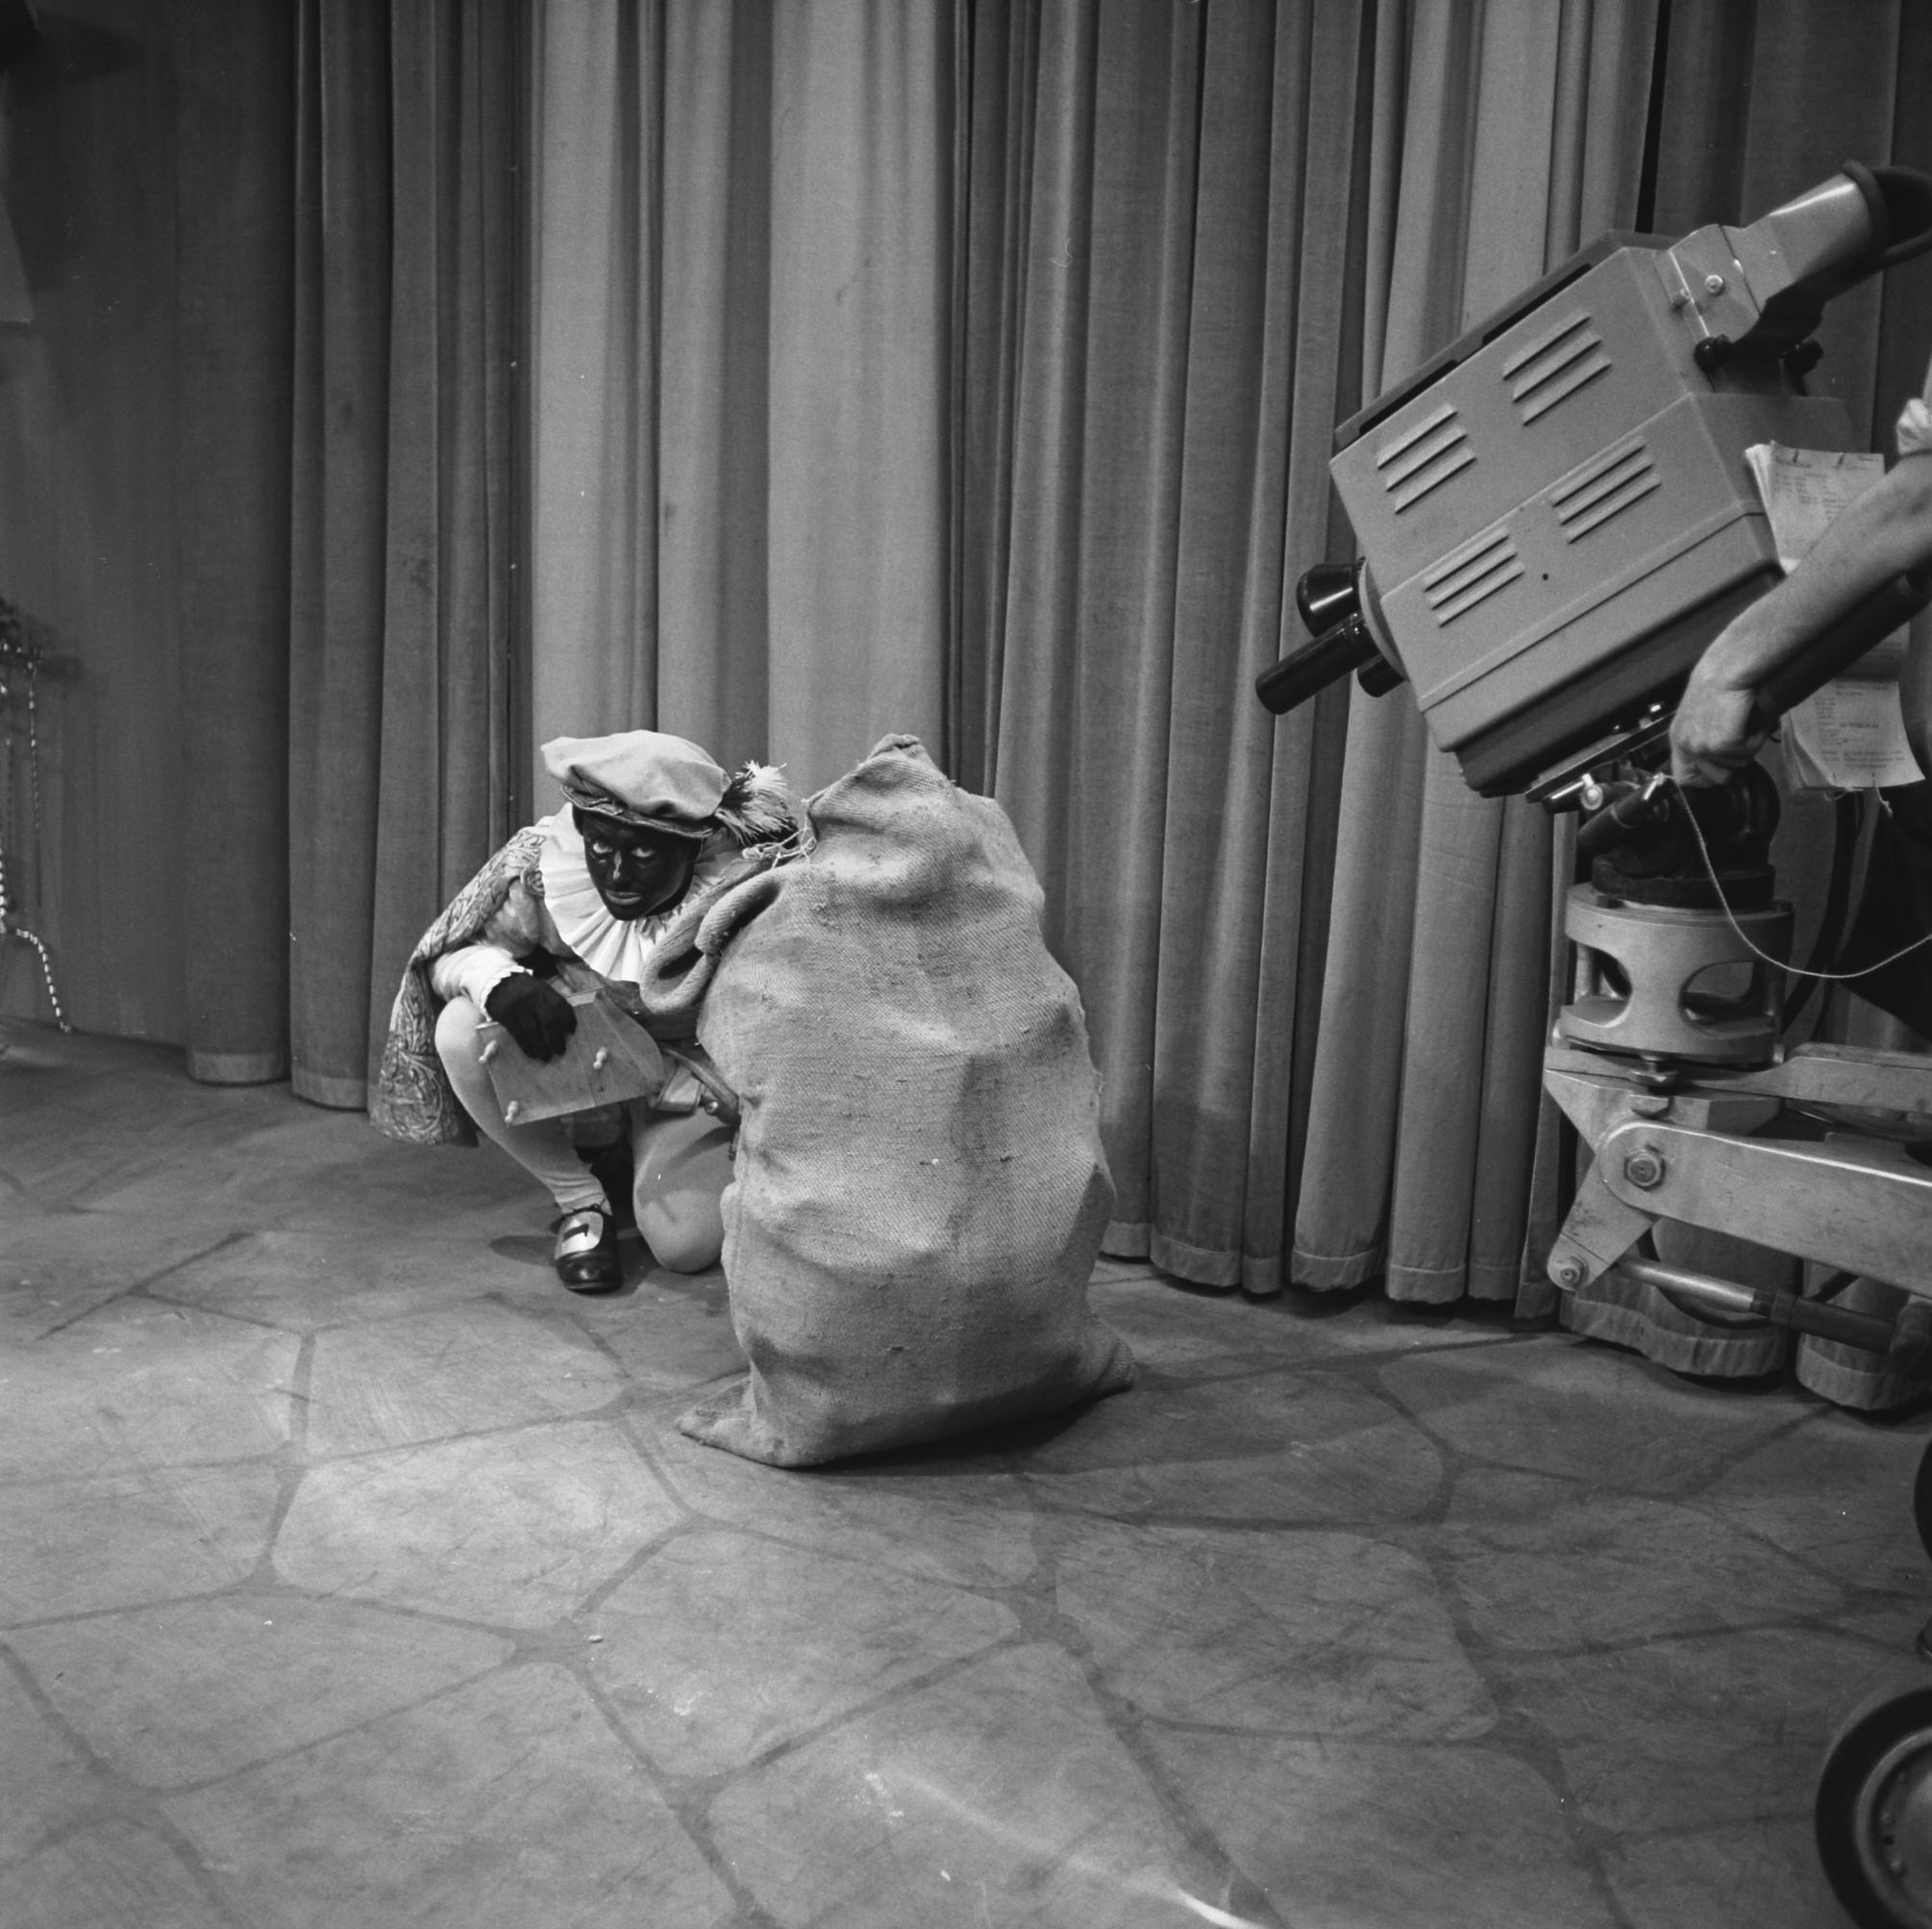 Productiefoto van het kinderprogramma  O, kom er es kijken , 4 december 1954. Fotograaf onbekend, Beeld en Geluid.